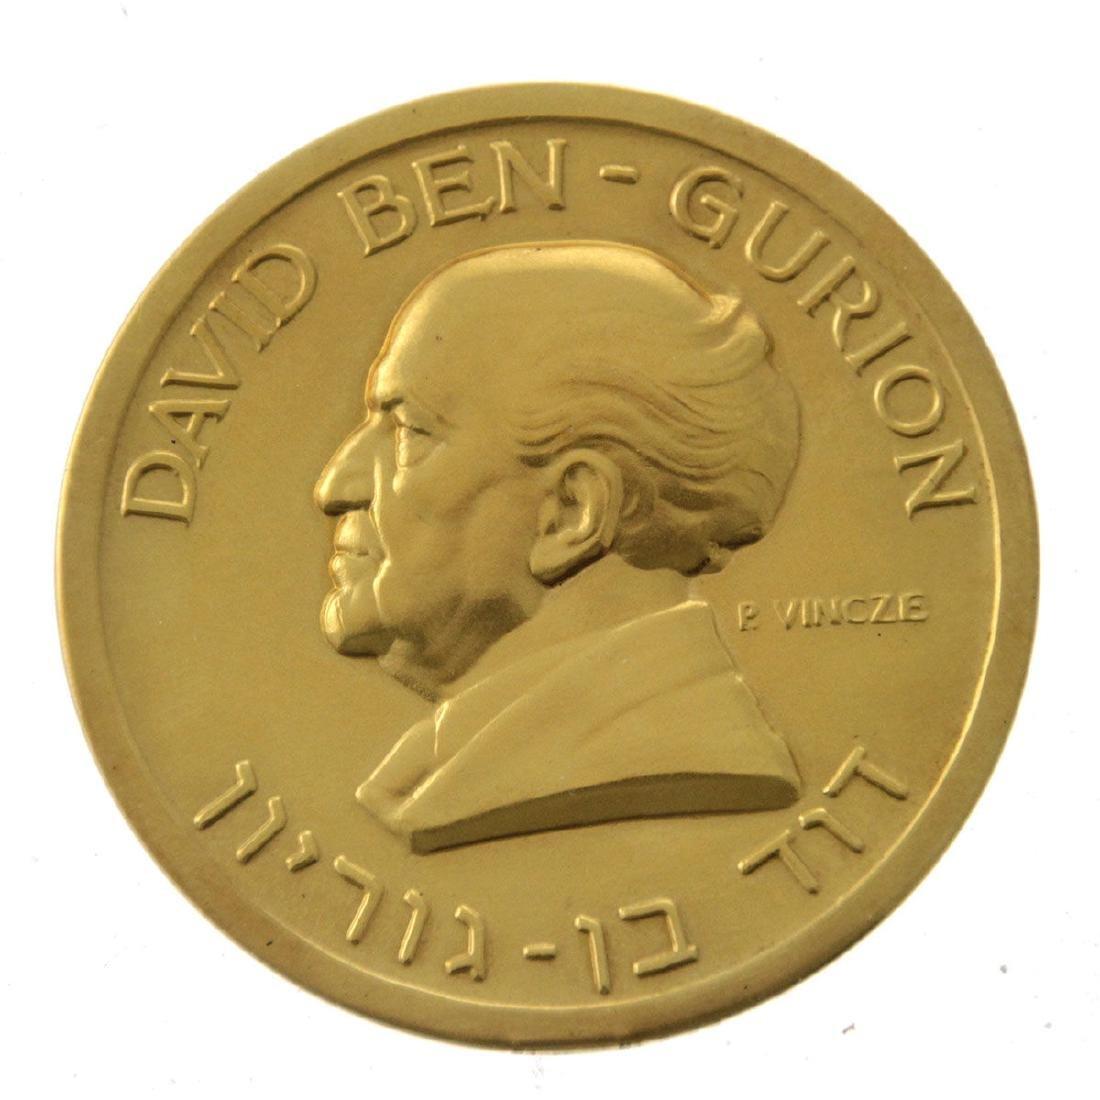 David Ben Gurion 24k Gold Medal.